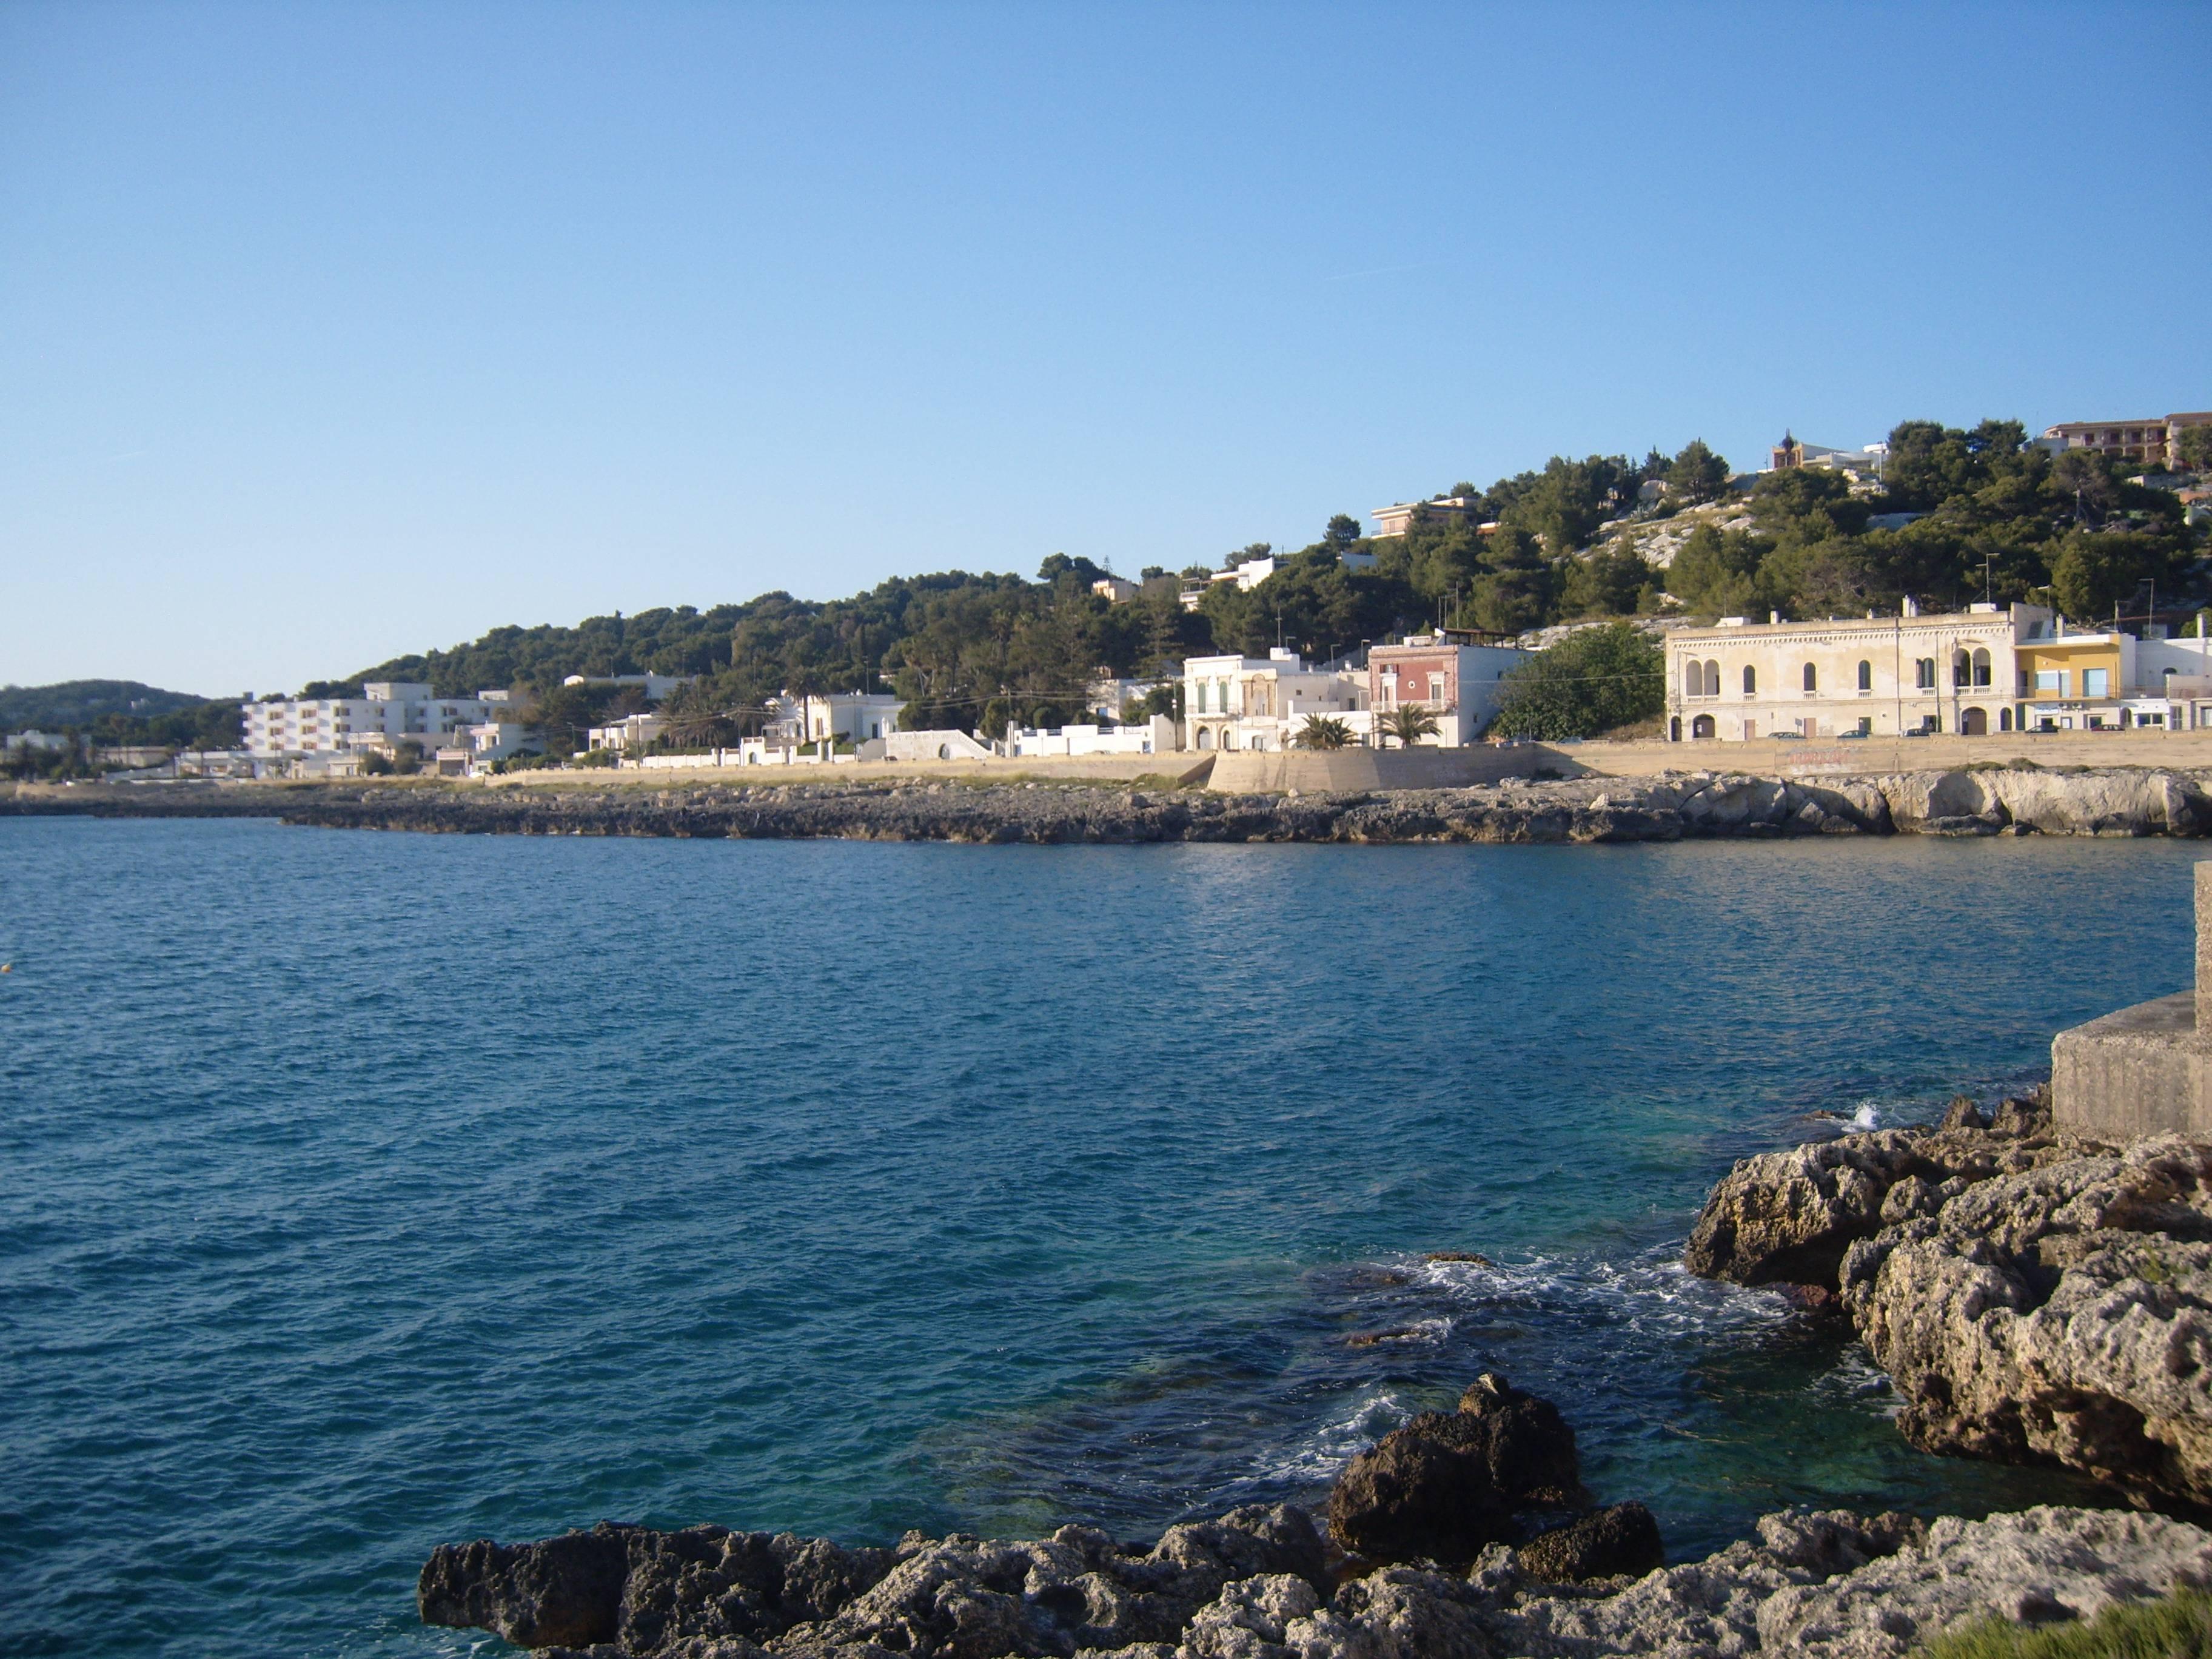 Ponte del 2 giugno trekking in italia - Santa maria al bagno spiagge ...